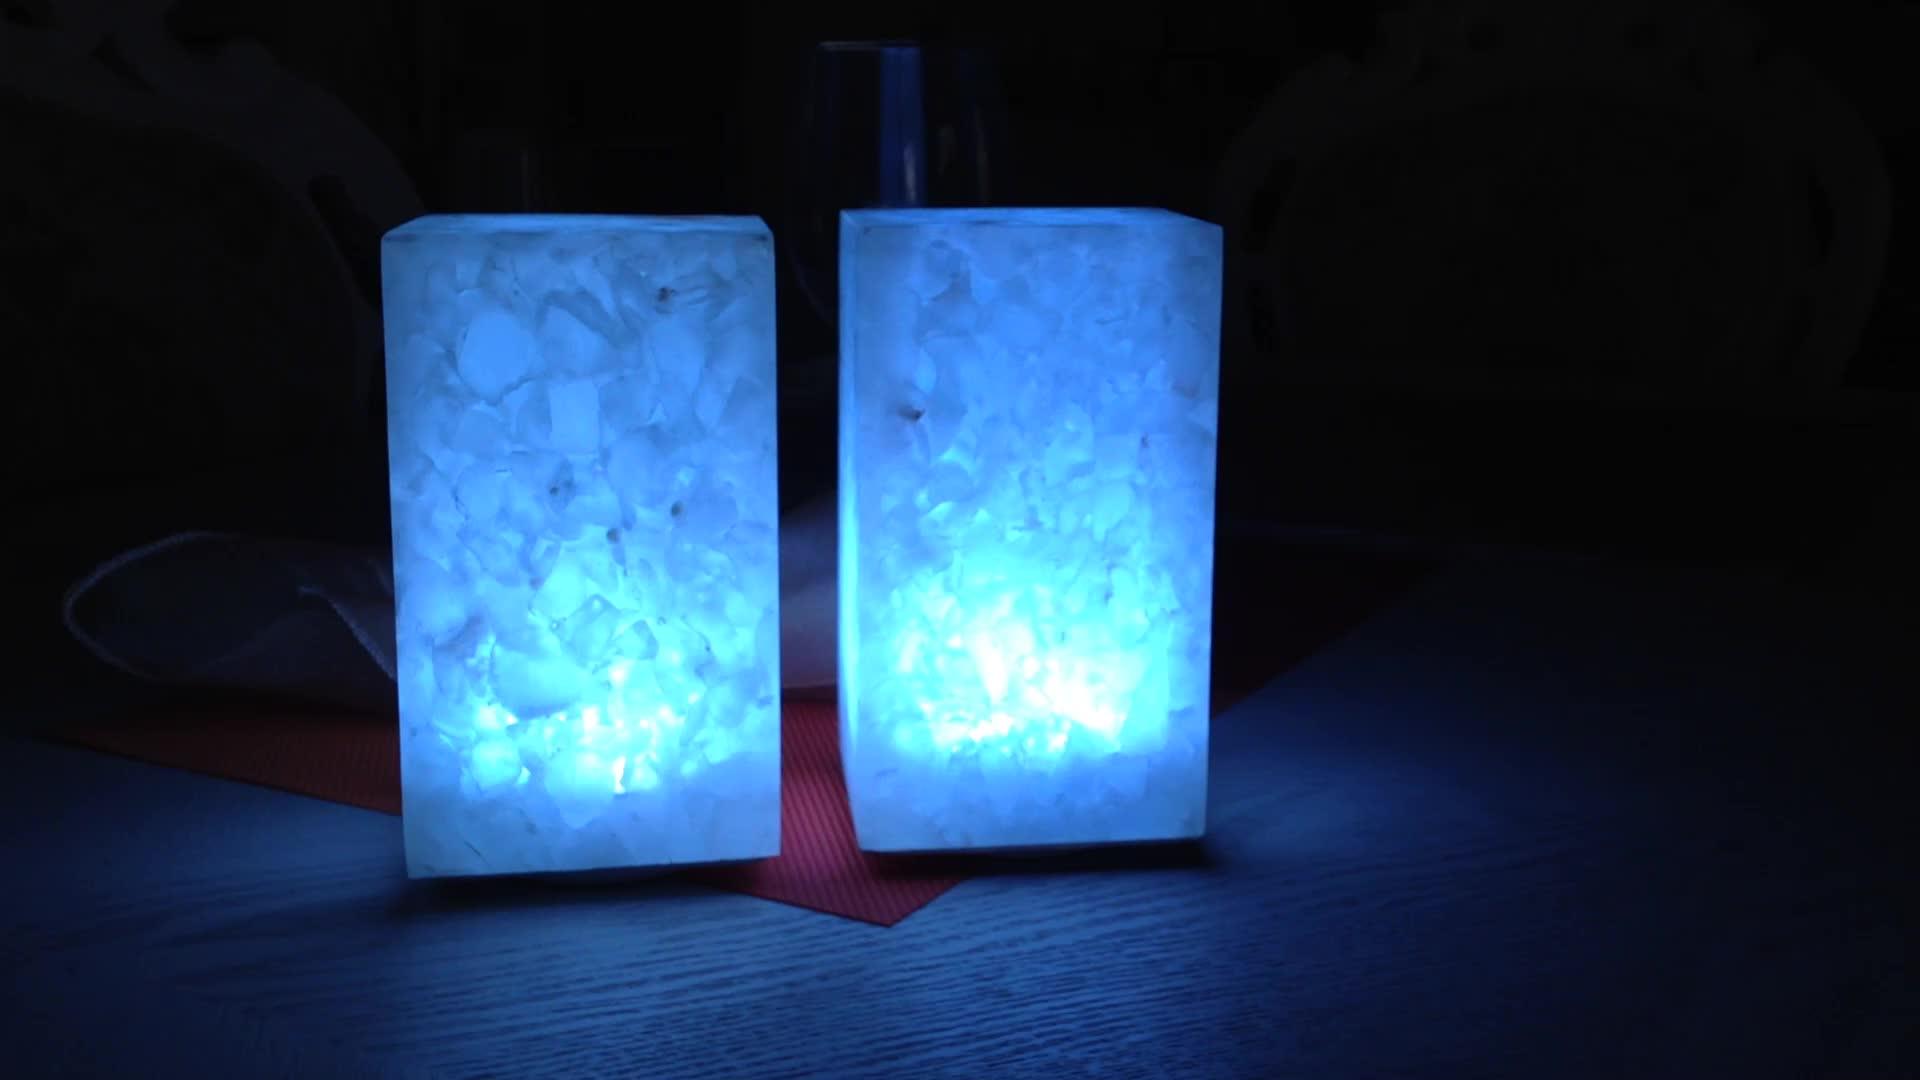 Restaurant Tafel Verlichting, Draadloze Inductie Oplaadbare Led Cordless Tafel Lampen Met Afstandsbediening Timer Controller